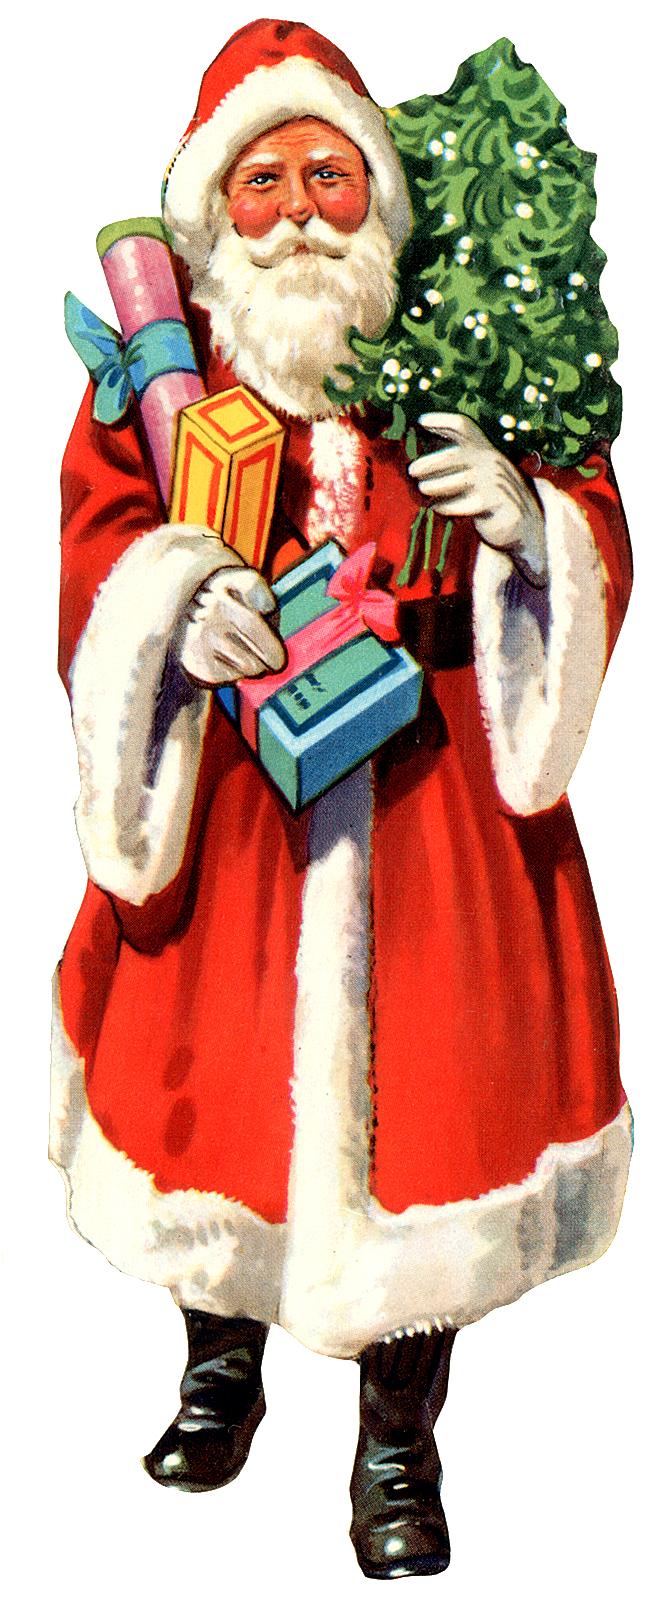 666x1599 Free Vintage Clip Art Images Vintage Santa Claus Clipart